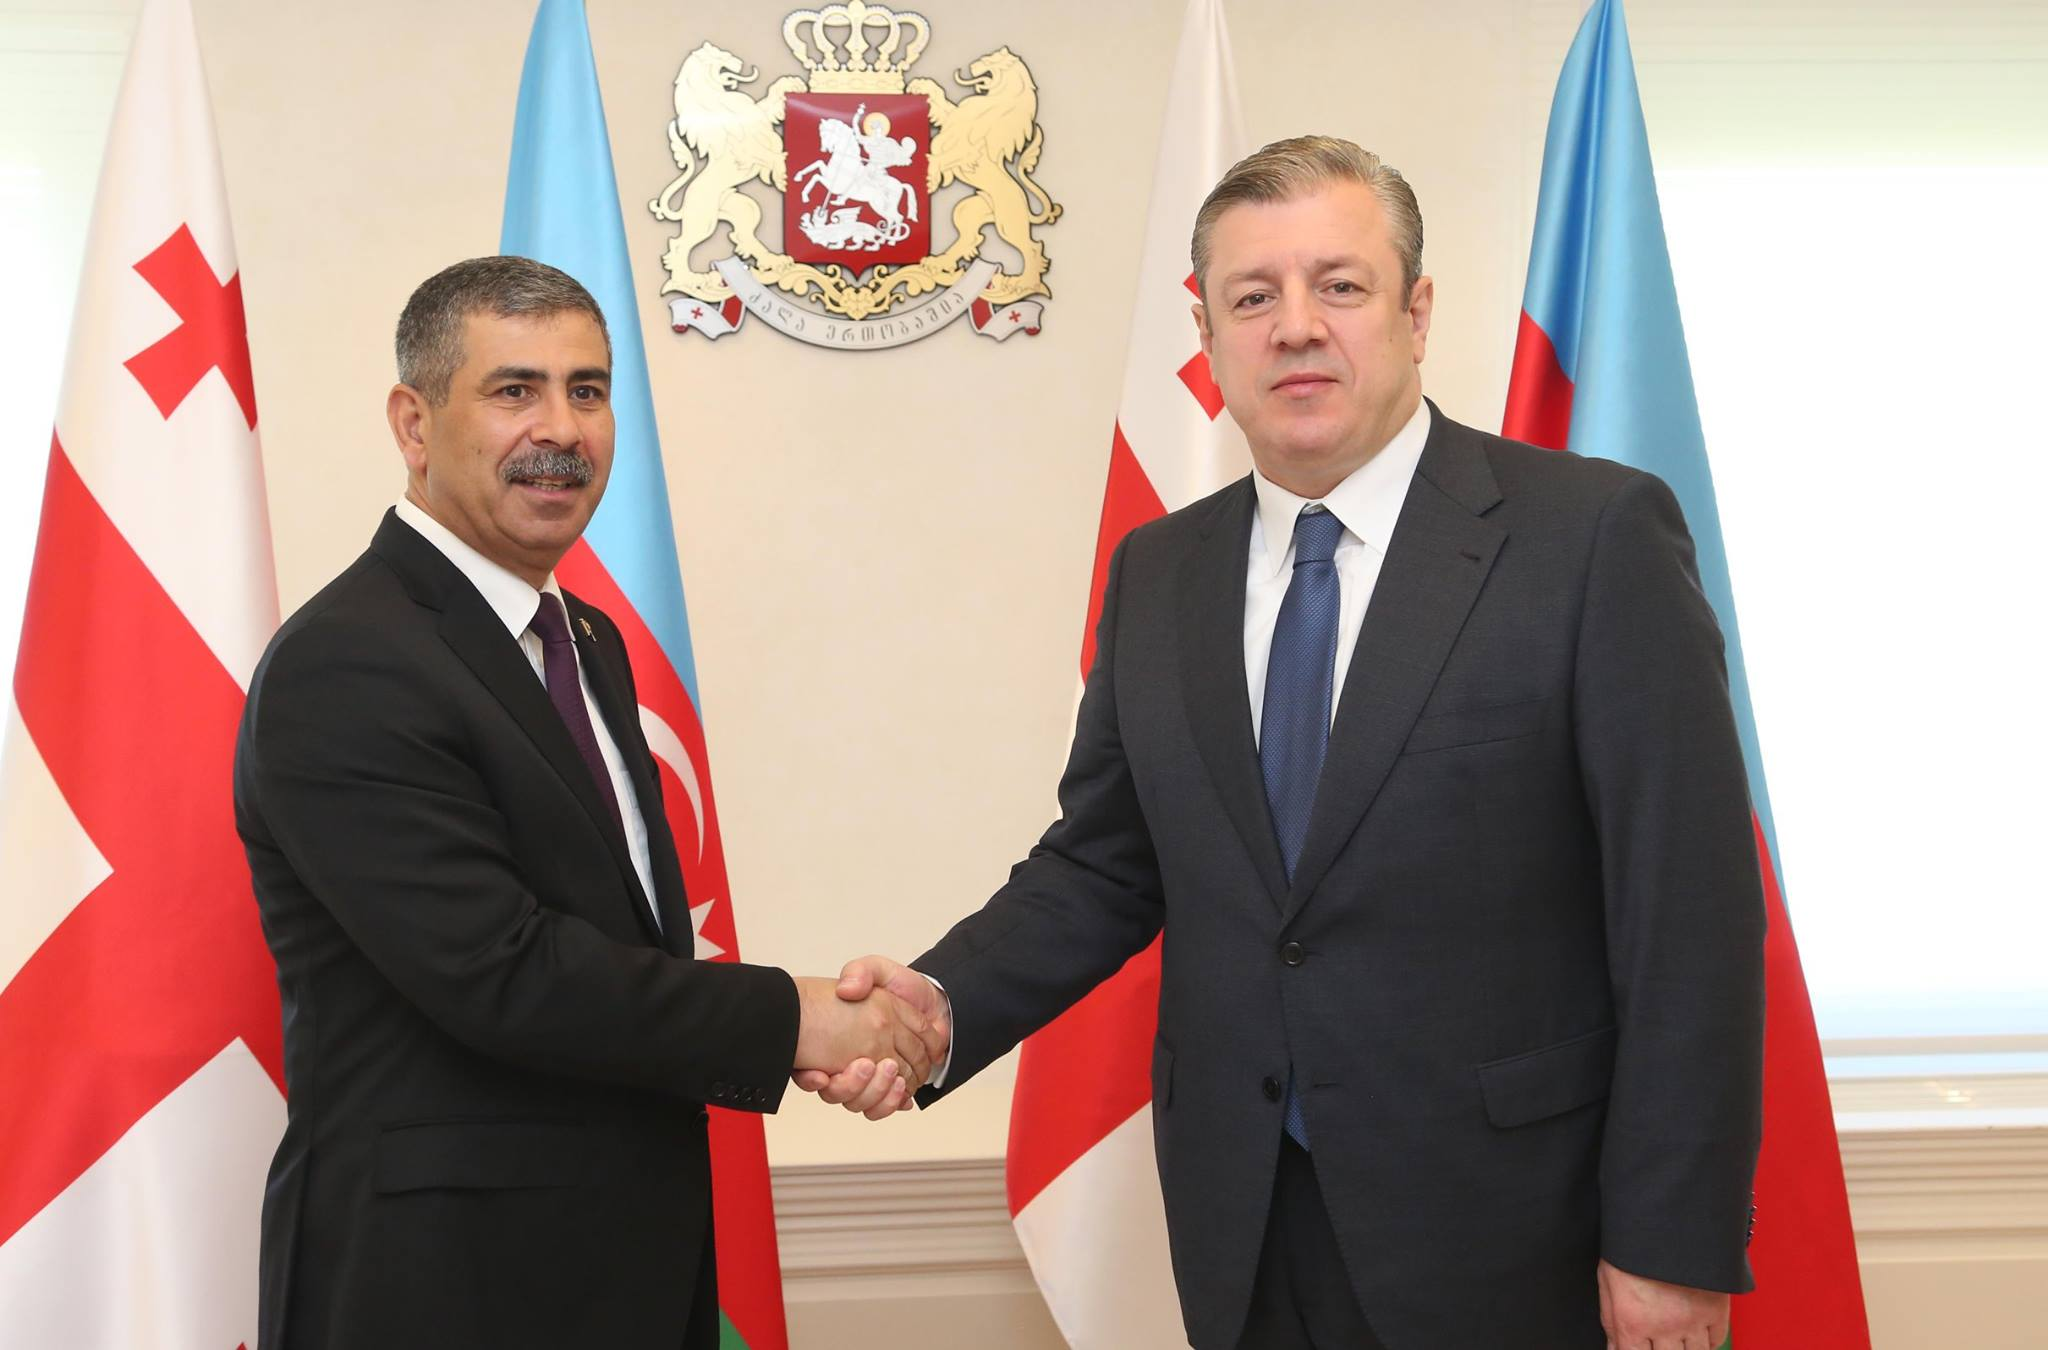 Грузия и Азербайджан укрепляют сотрудничество в военной сфере